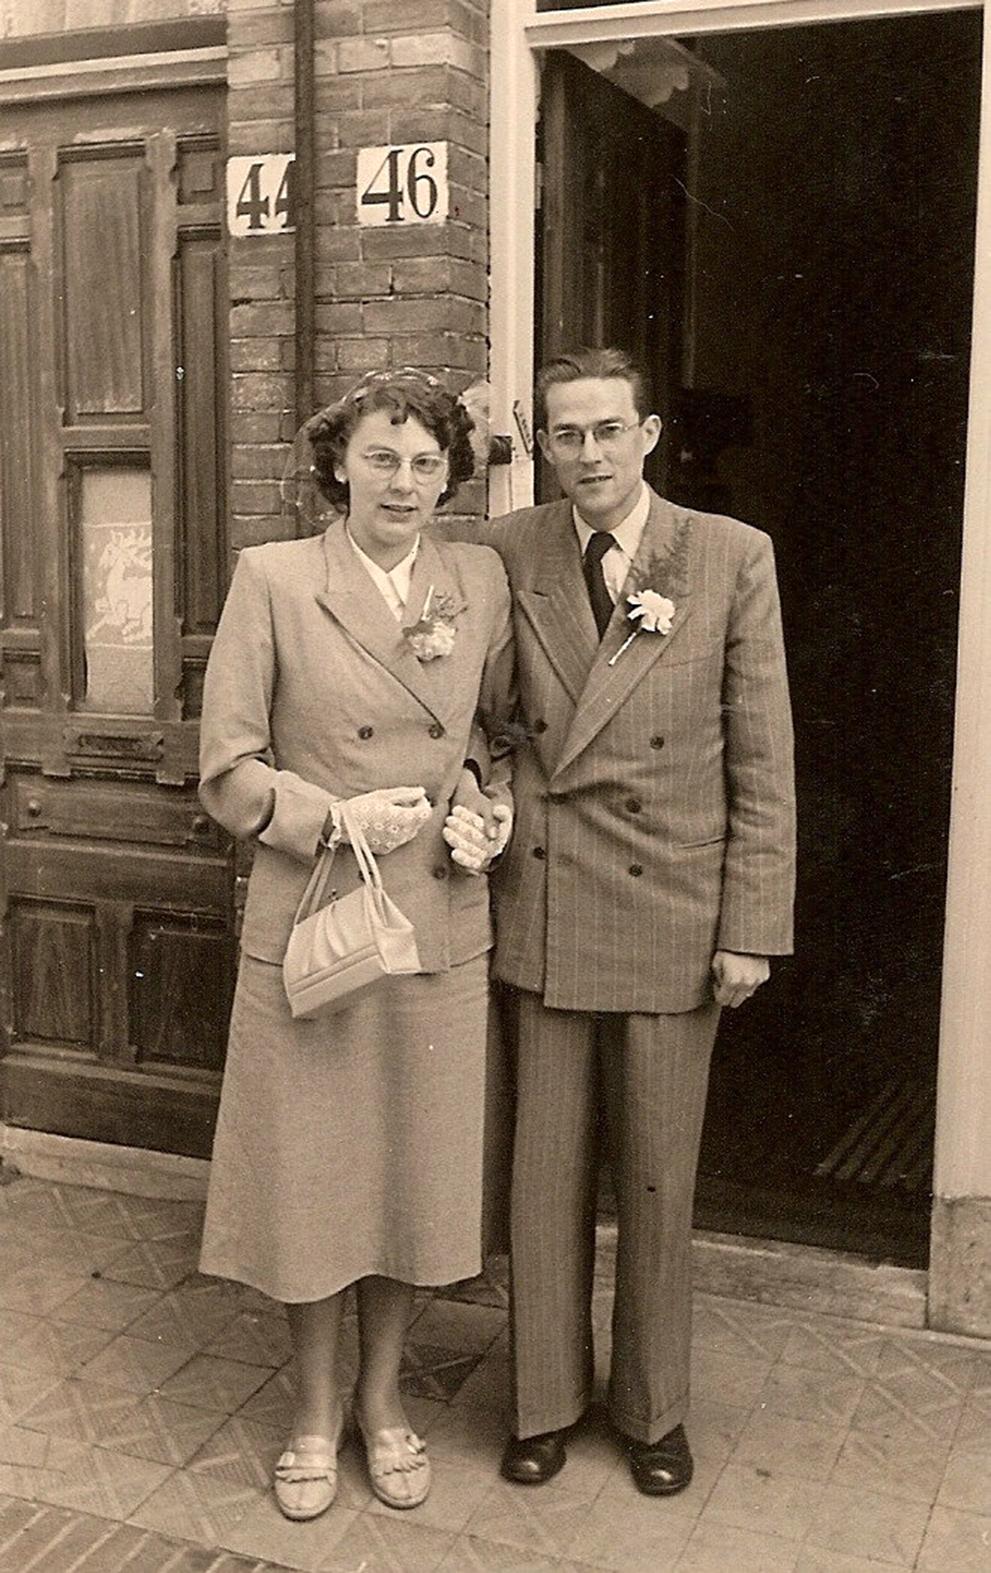 Jan en Dirkje de Lange-van Bruggen (op 13-05-1953) bewerkt